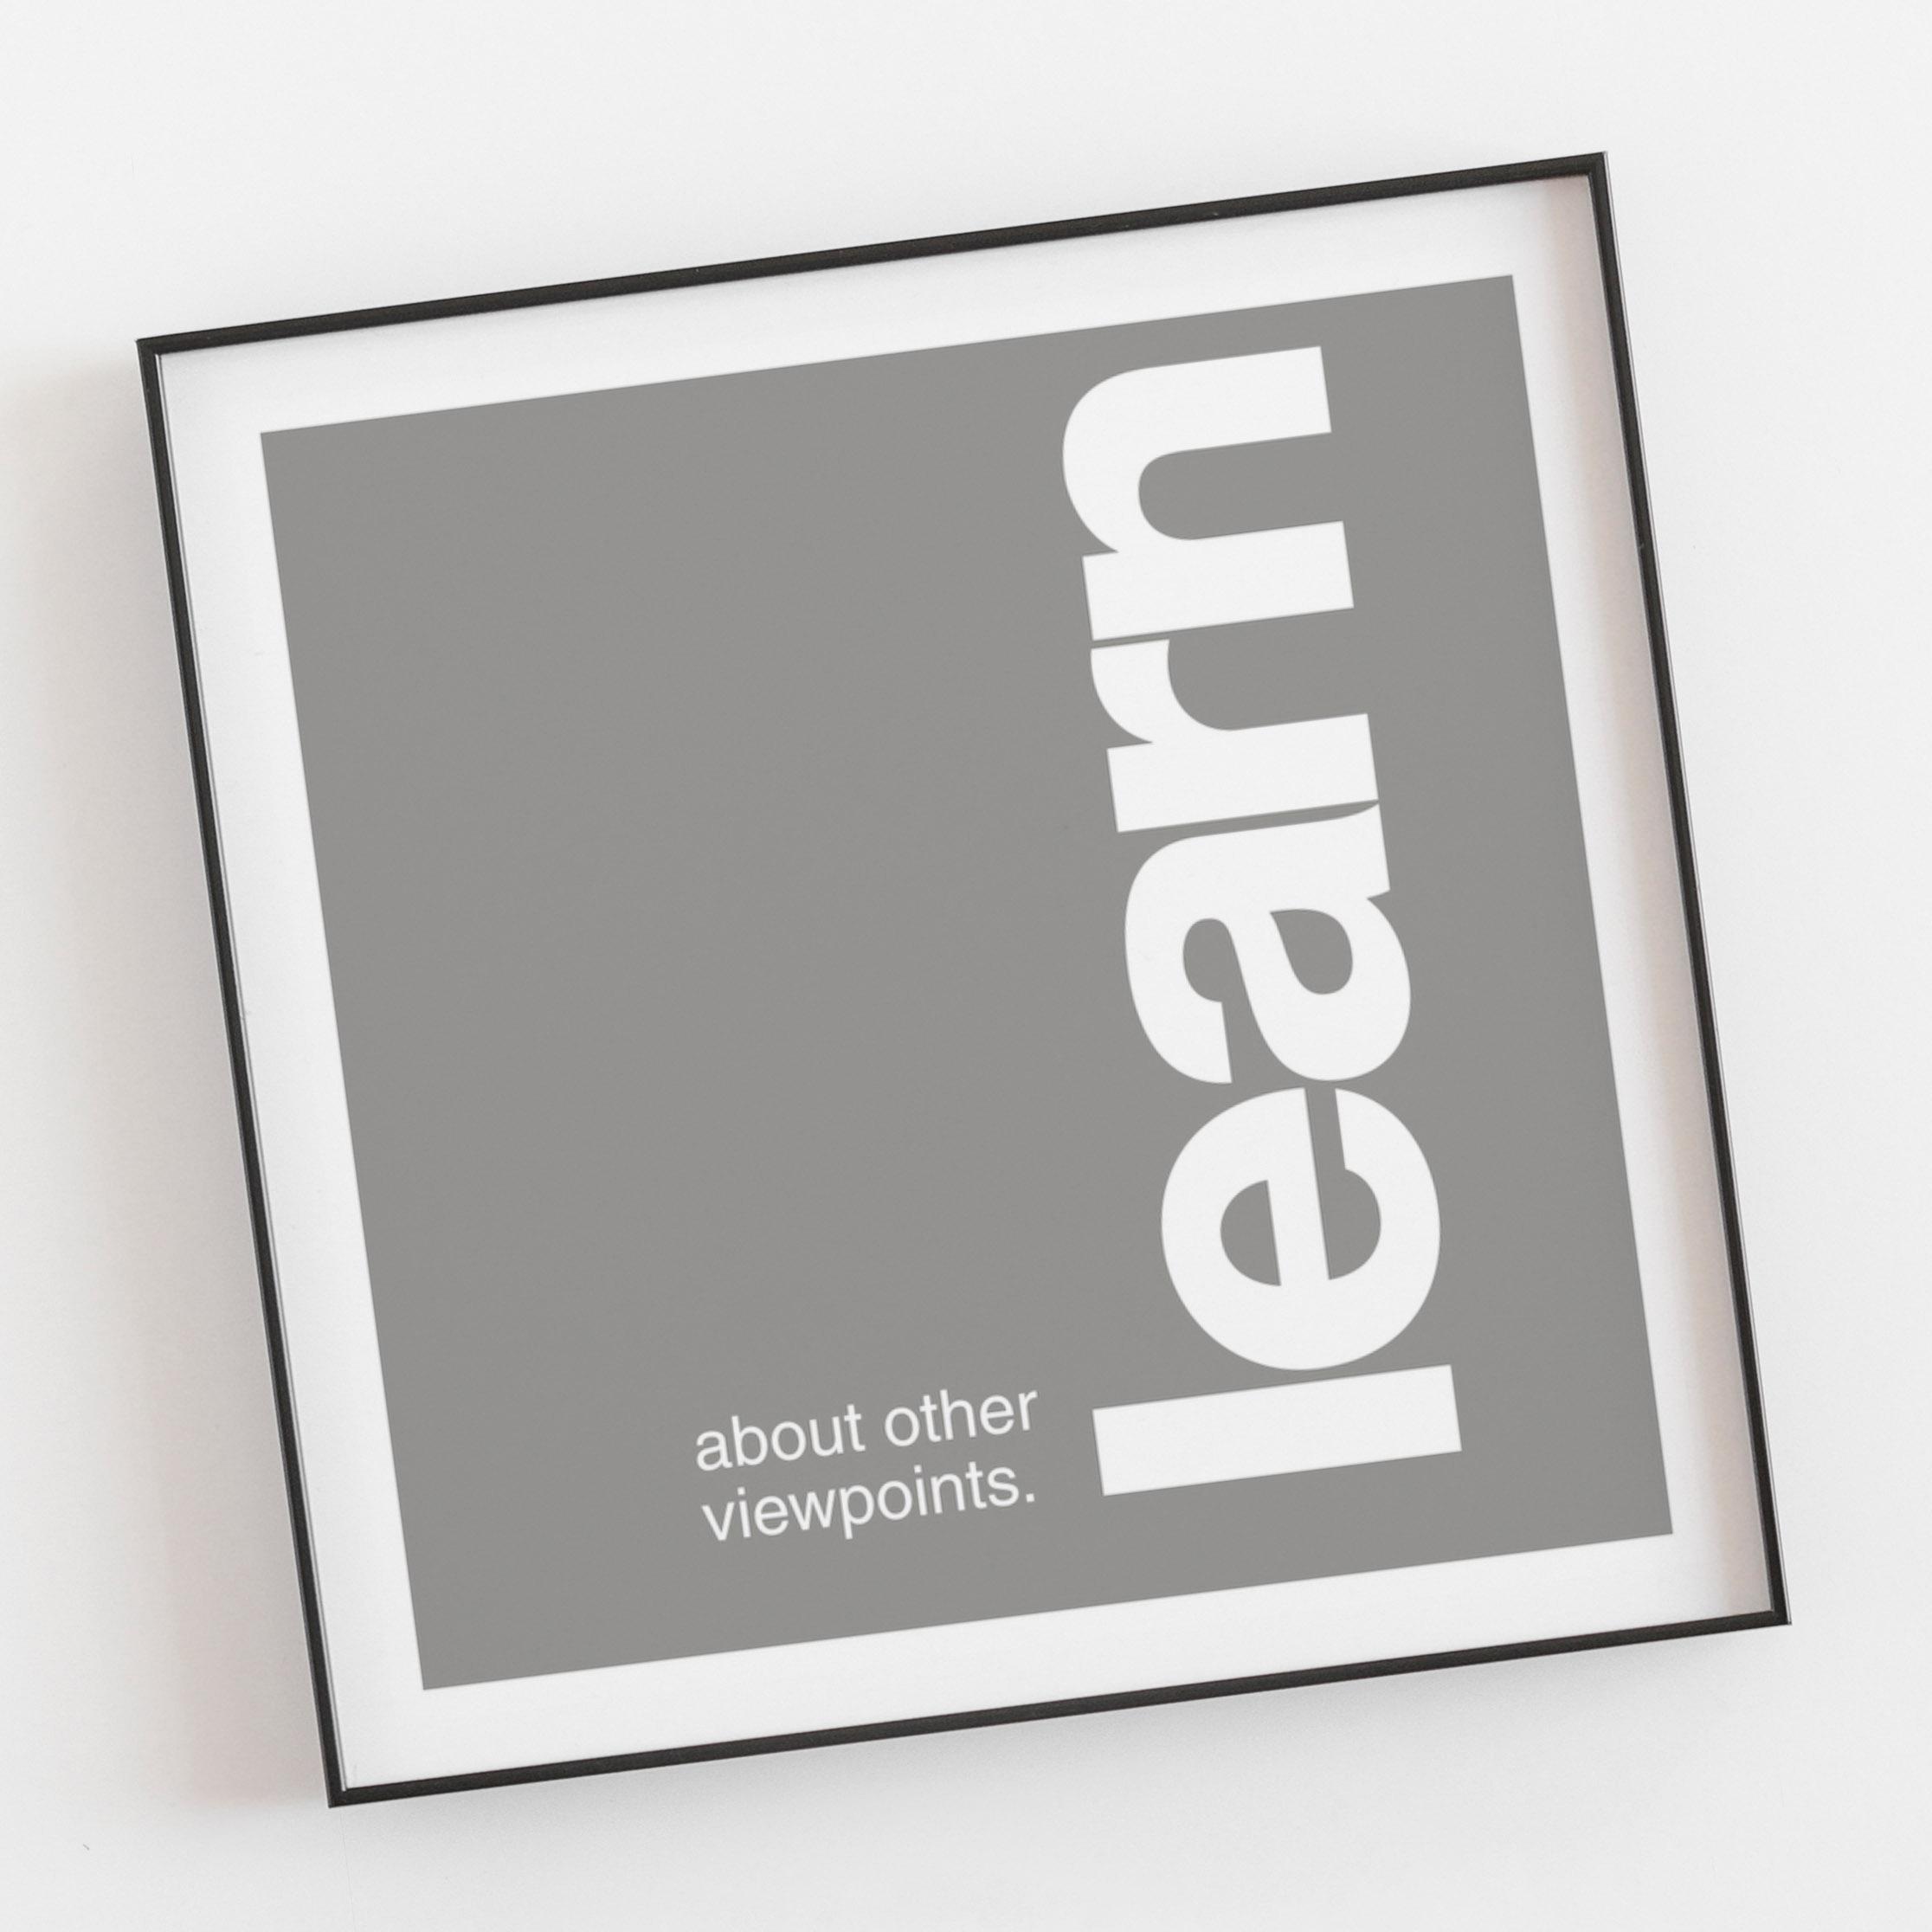 Opsat i Helvetica, spatieret i hånden, opsat helt simpelt og kontrastfyldt - med en hvid tidløs kant.